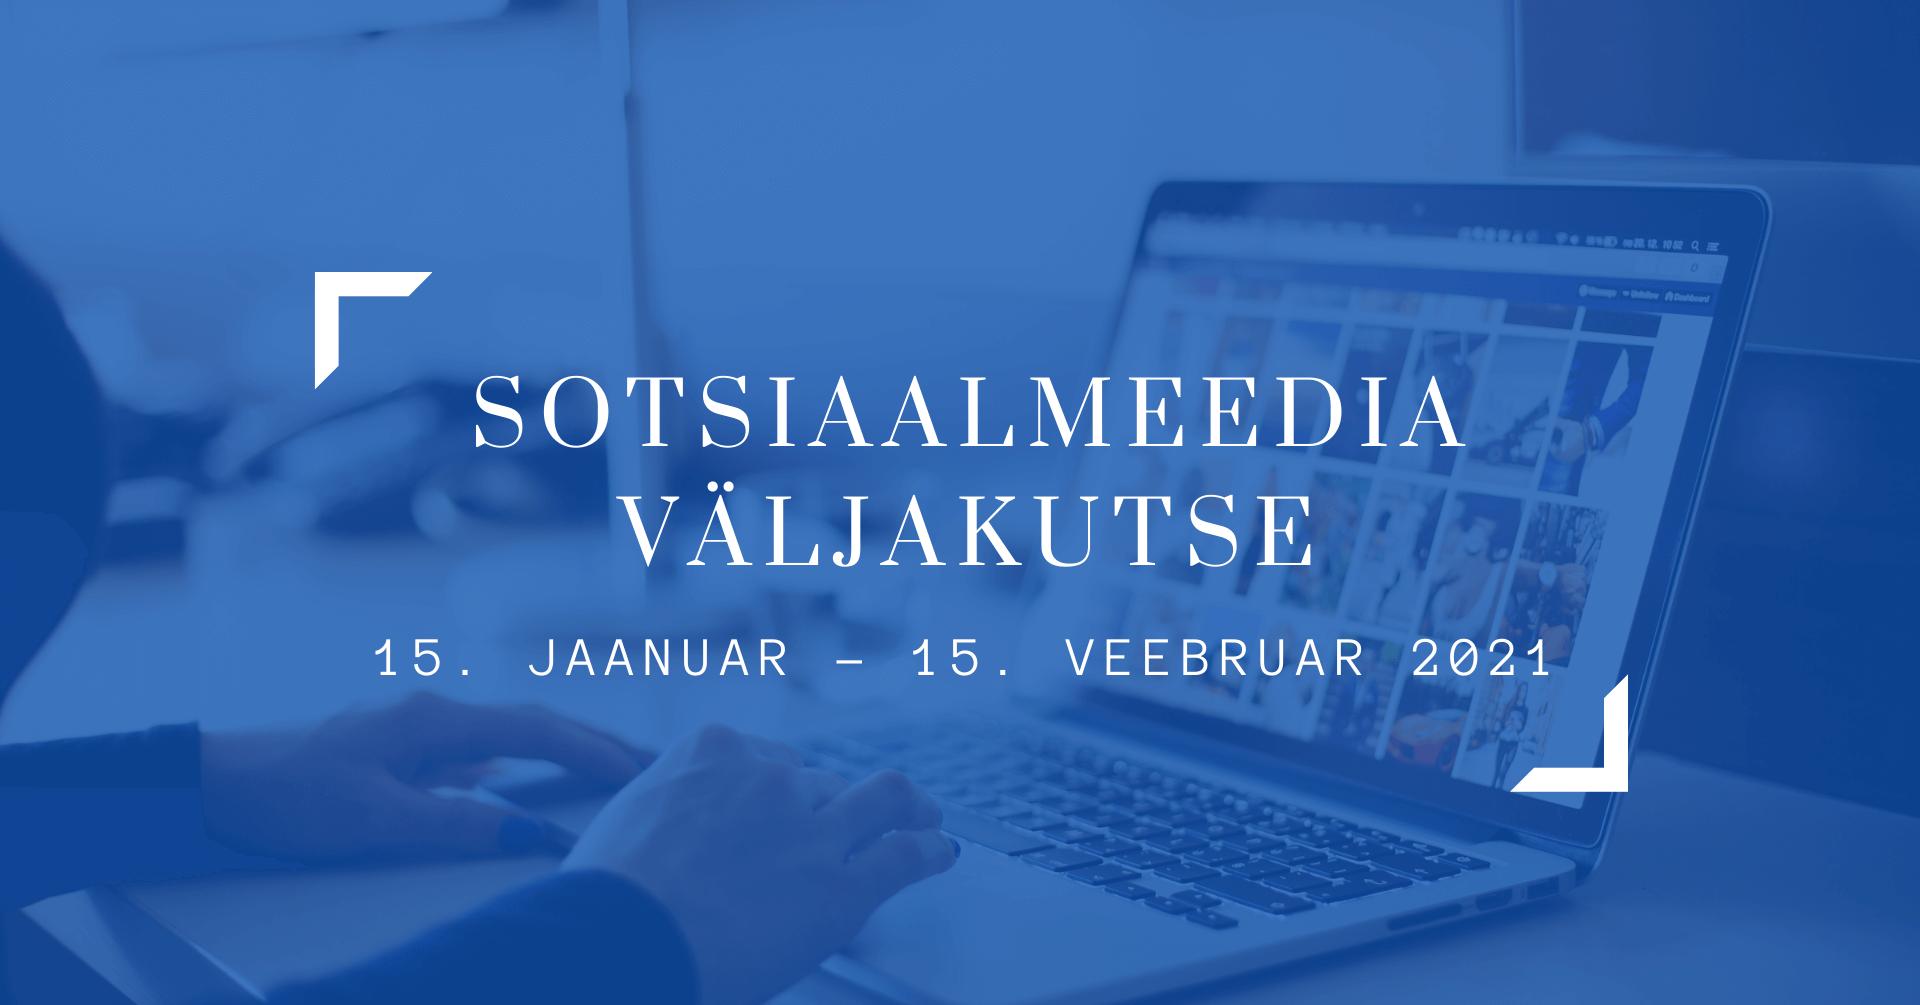 Sotsiaalmeedia väljakutse 15 jaanuar-15 veebruar 2021